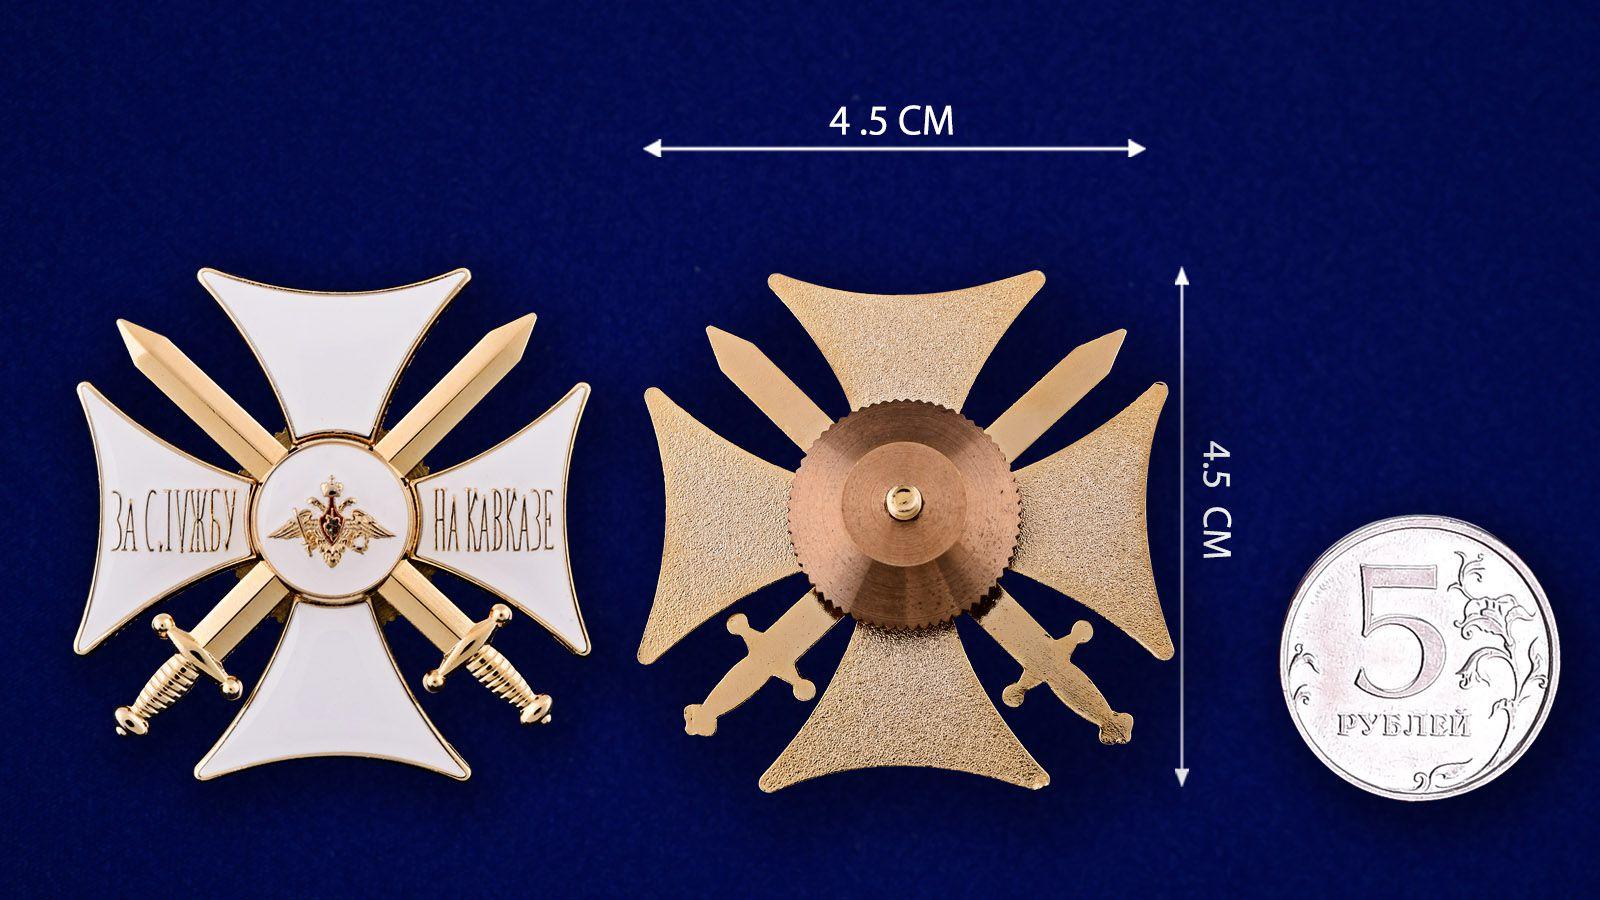 Орден За службу на Кавказе (белый) - сравнительный размер